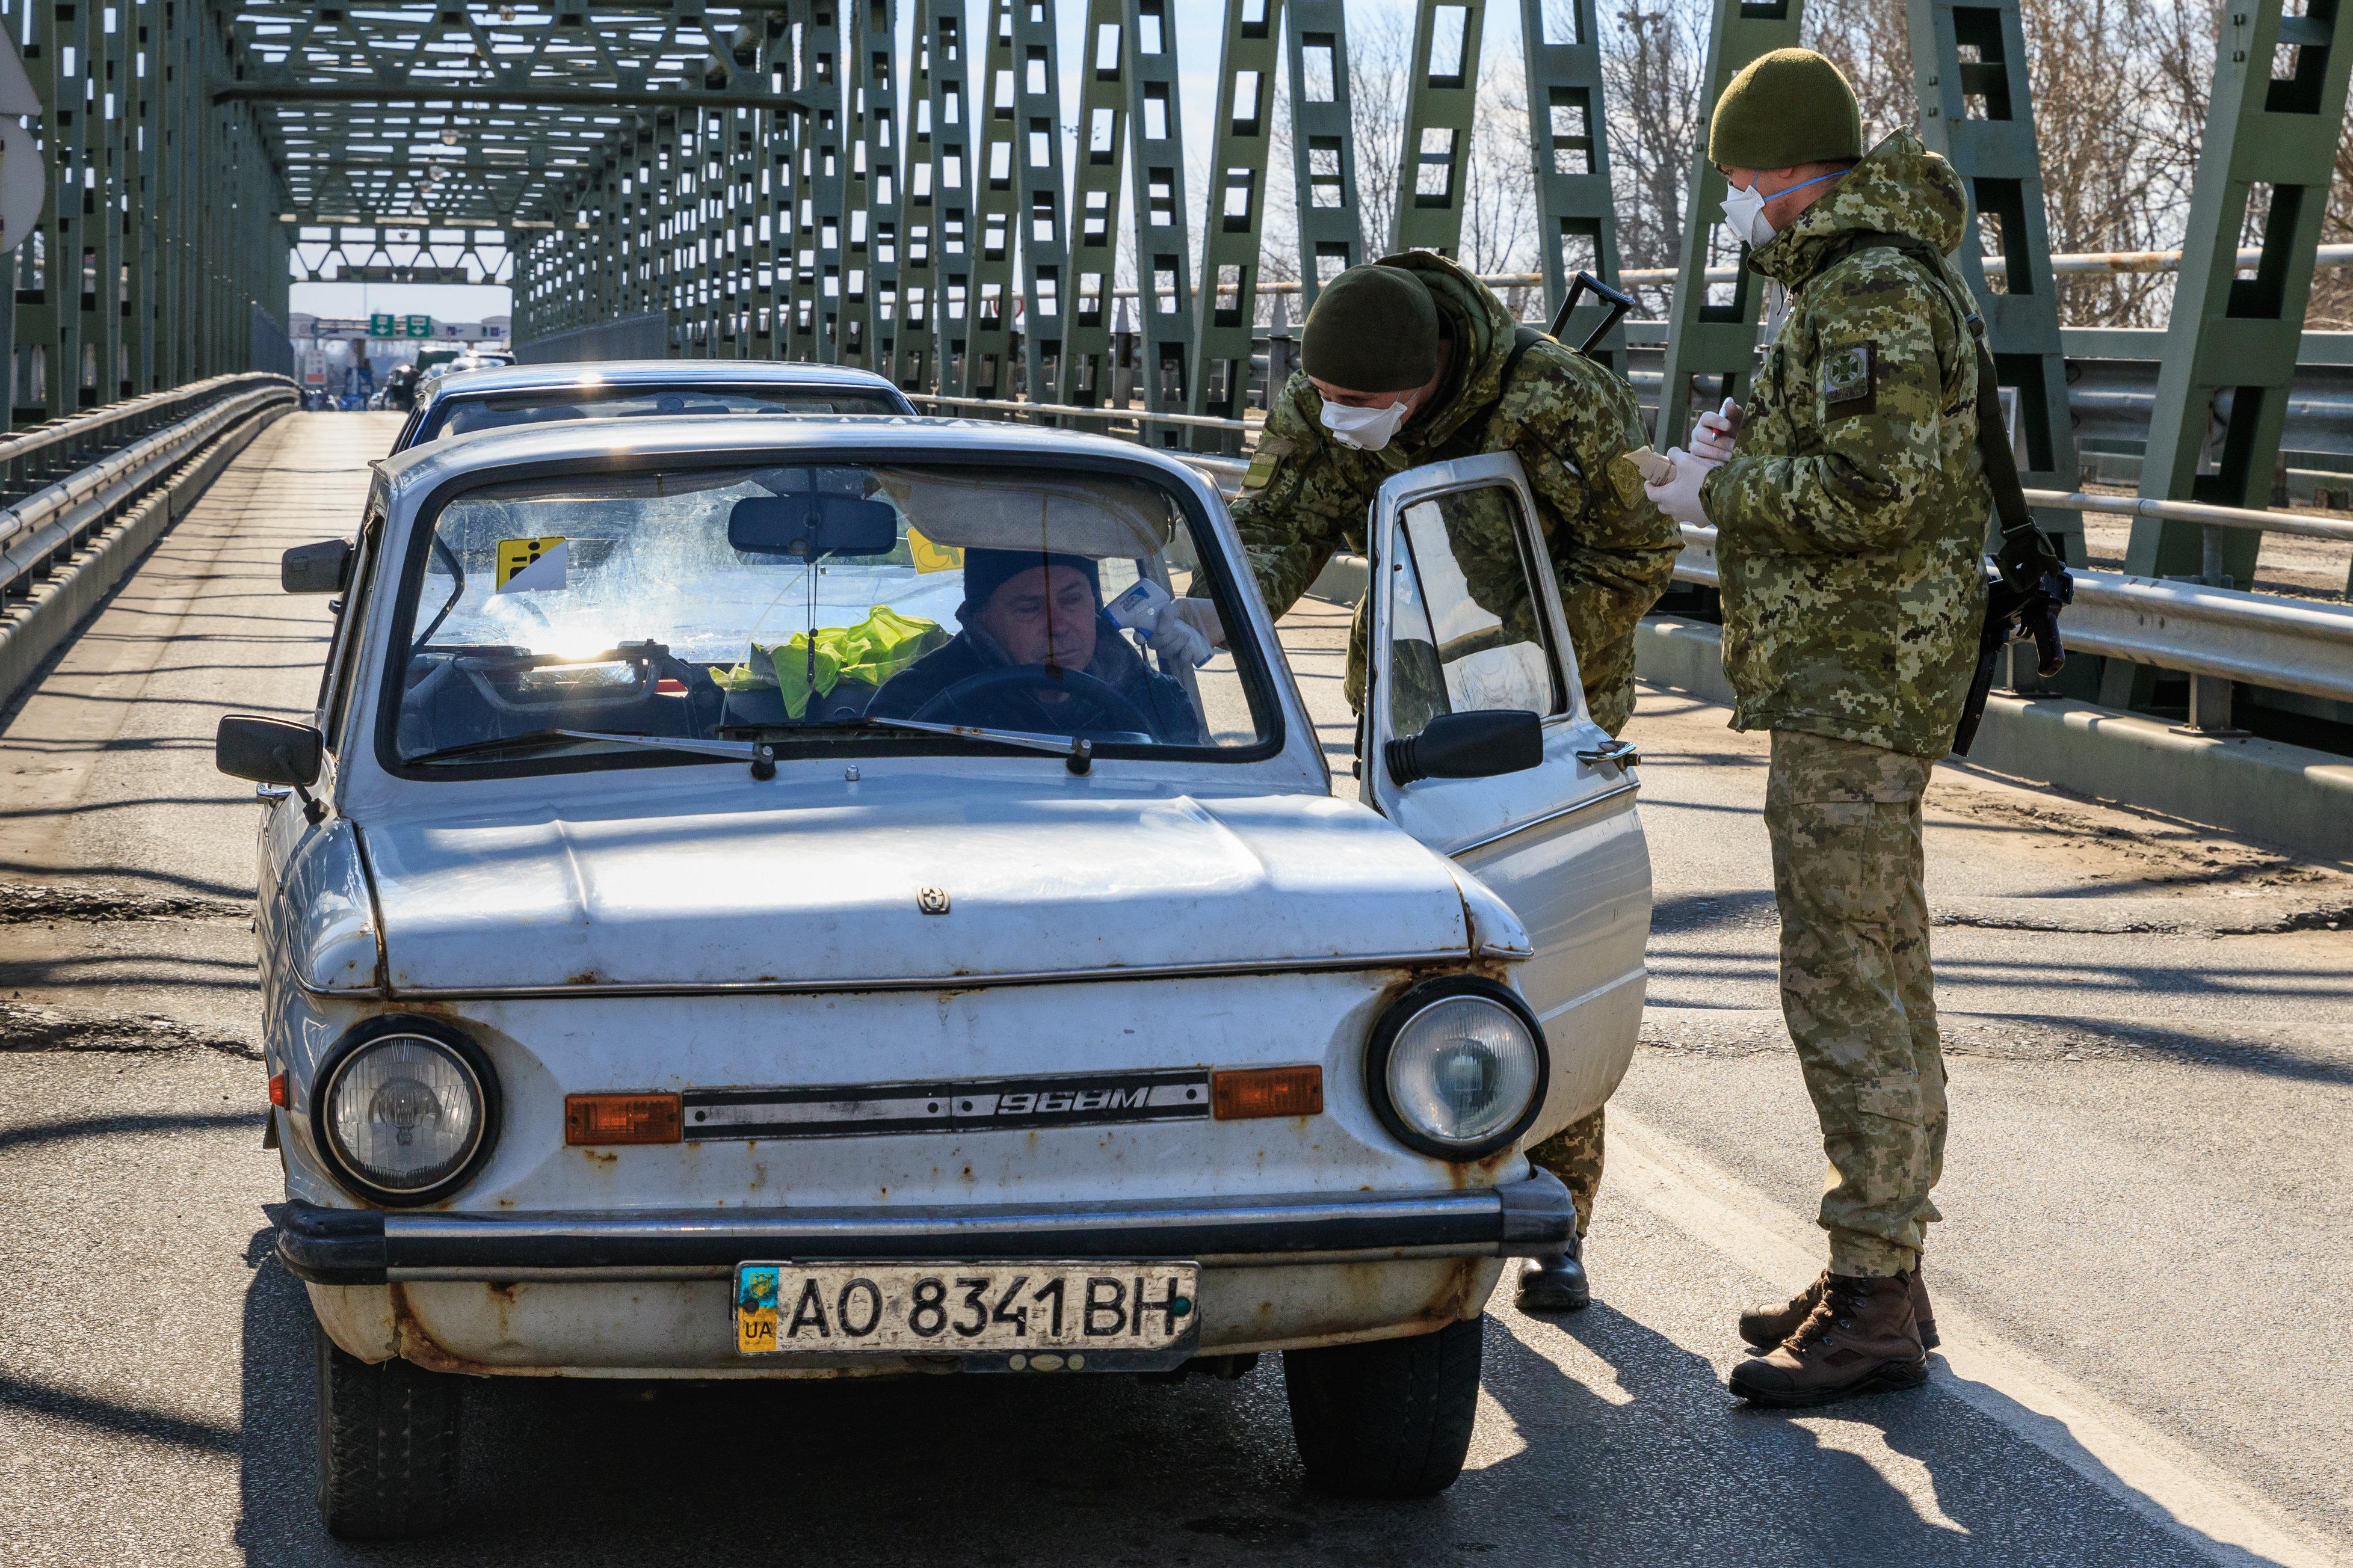 Vesztegzár alatt a koronavírus-járvány romániai gócpontja, Ukrajnában enyhítenének a karantén szabályain